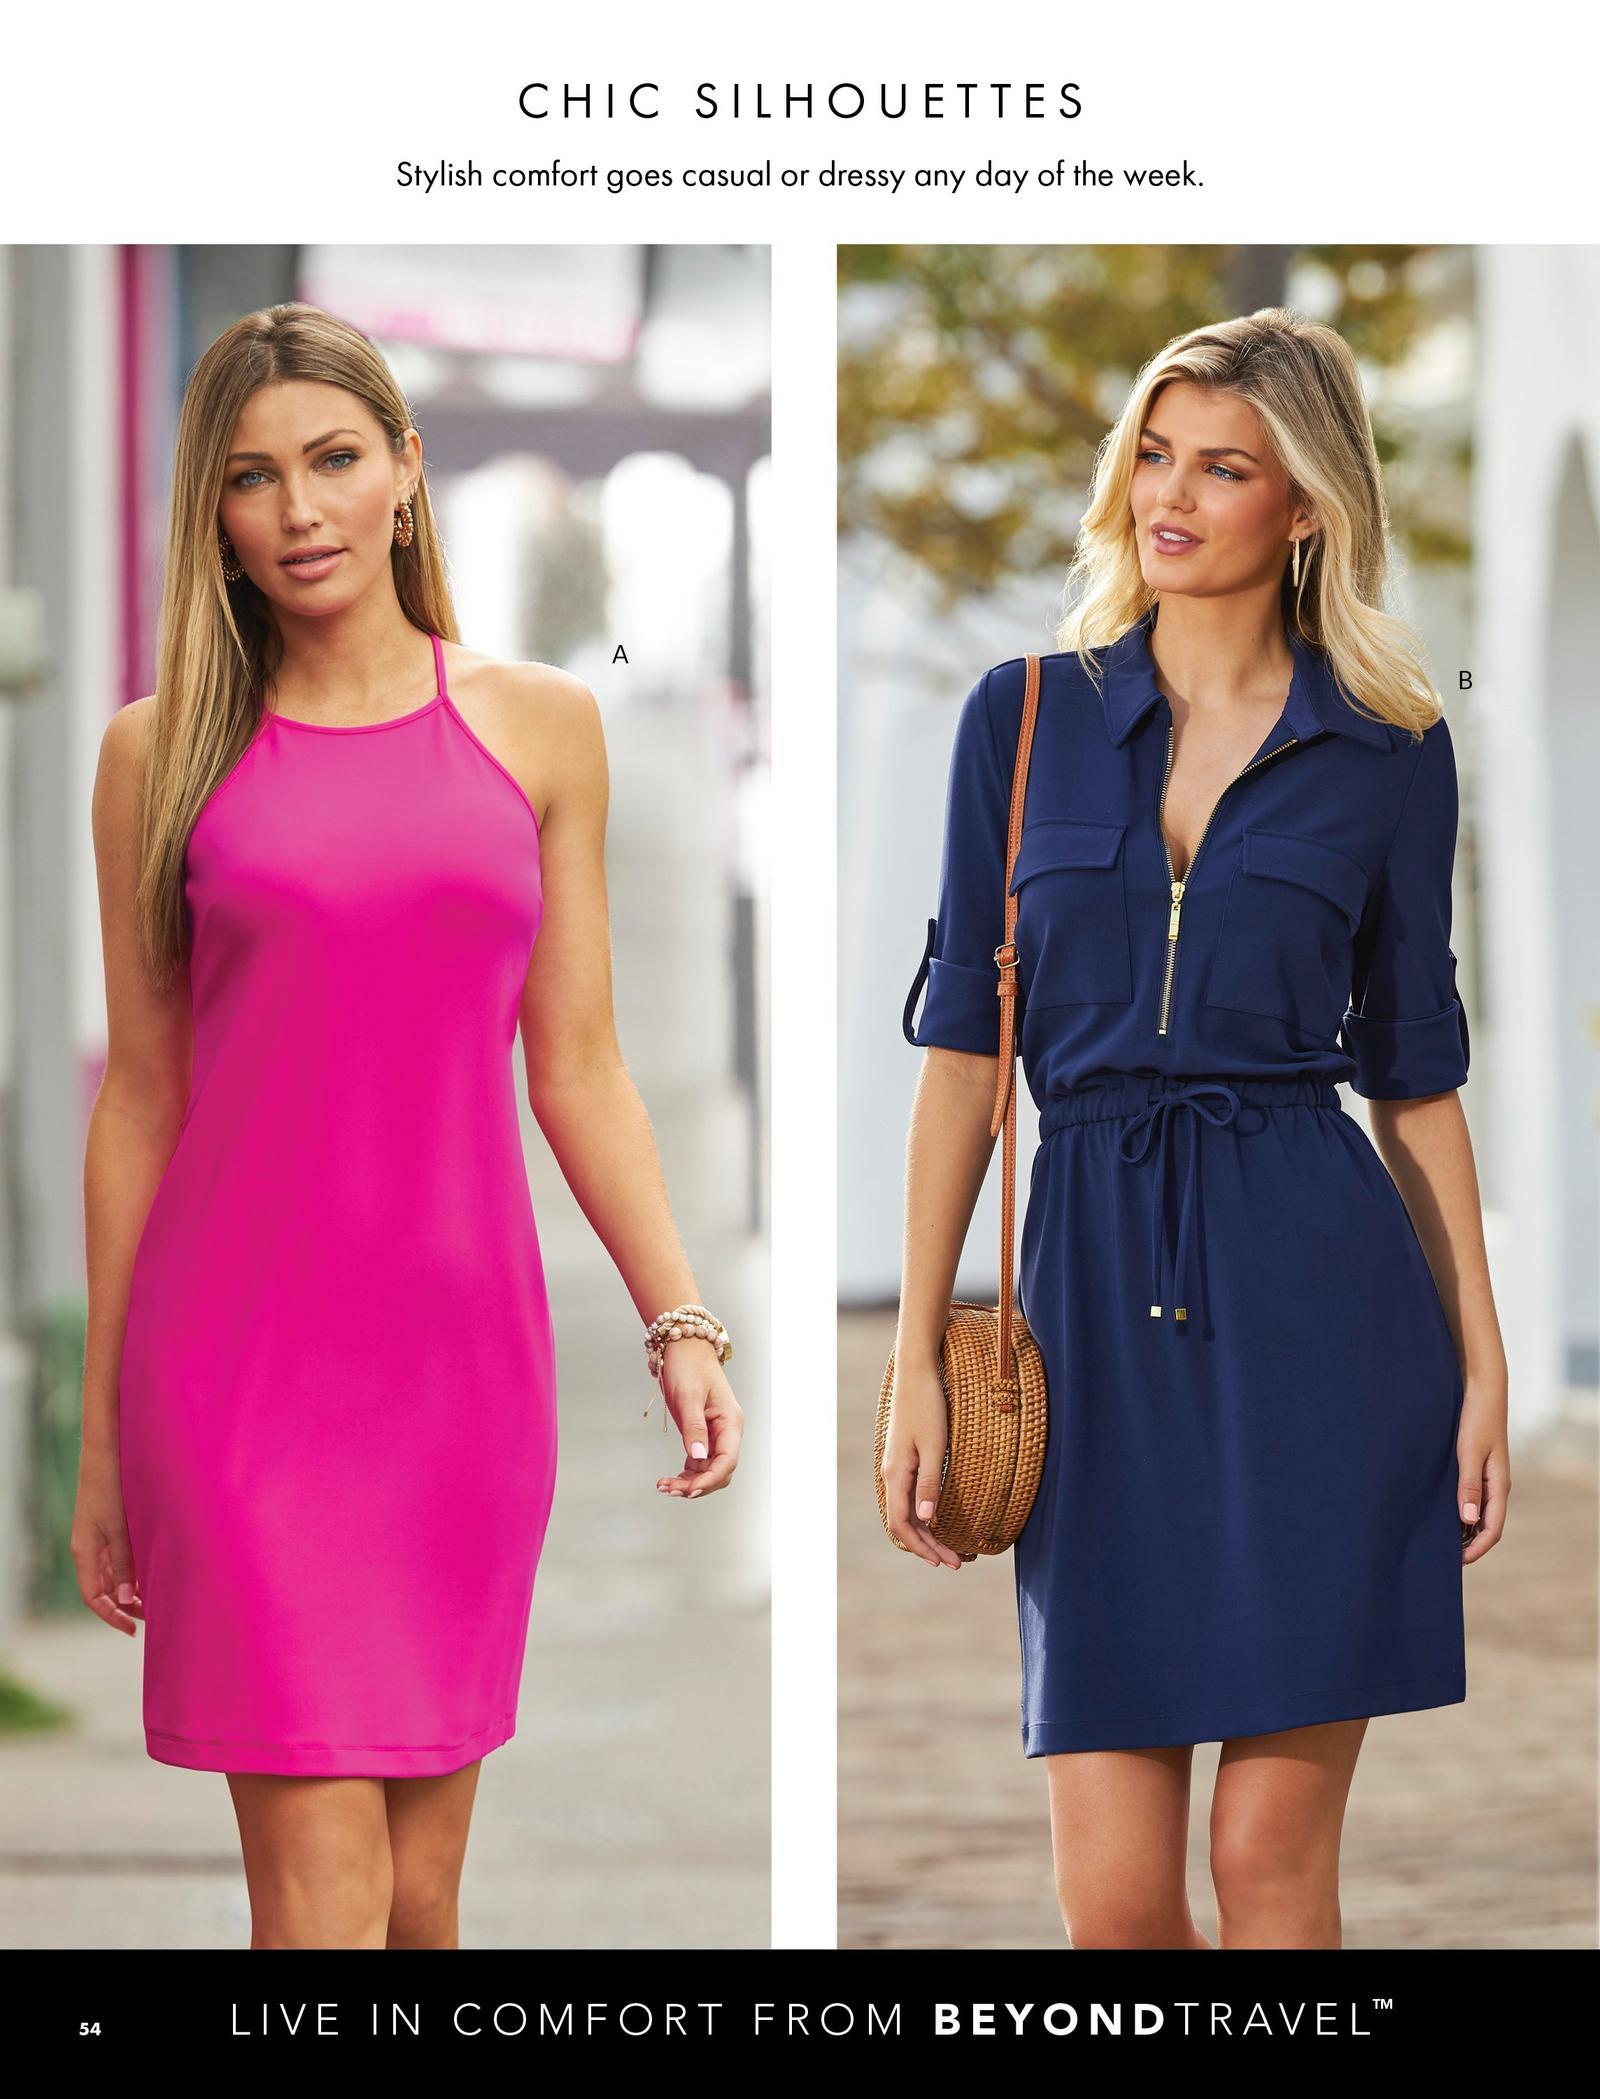 left model wearing a hot pink sleeveless short dress. right model wearing a navy blue short sleeve zip-up collared dress.